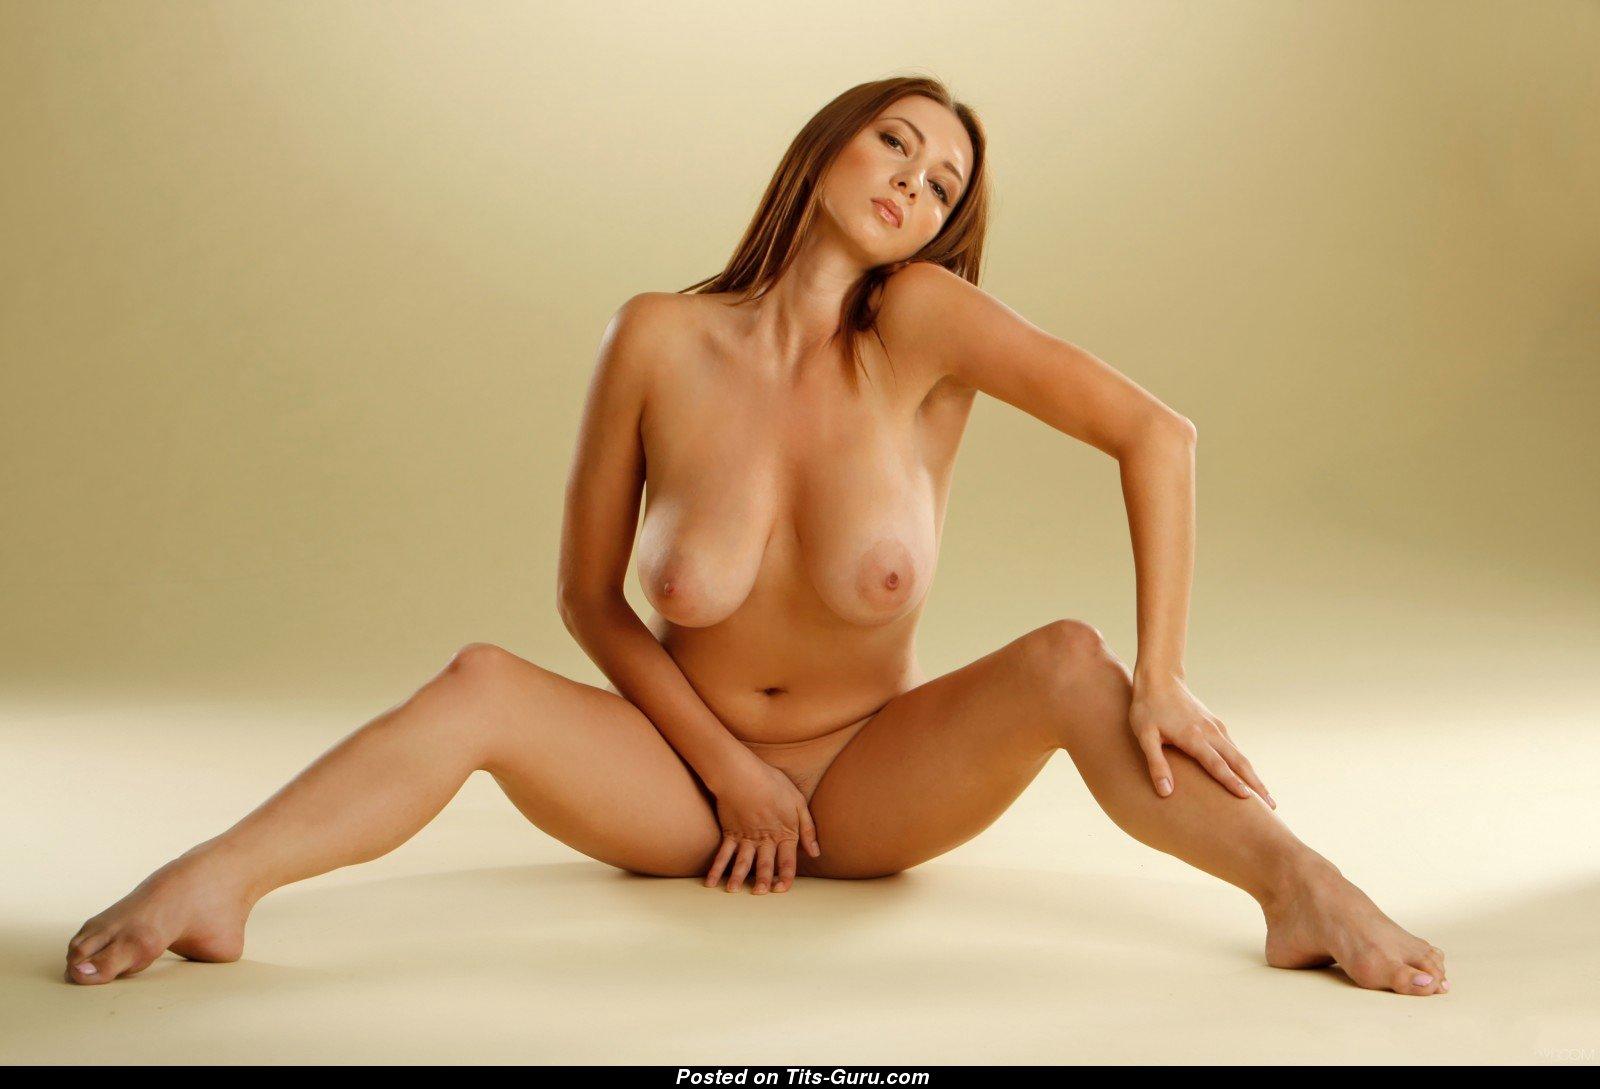 Смотреть красивые голые женские фигуры, Очень красивые фигуры голых женщин 23 фотография